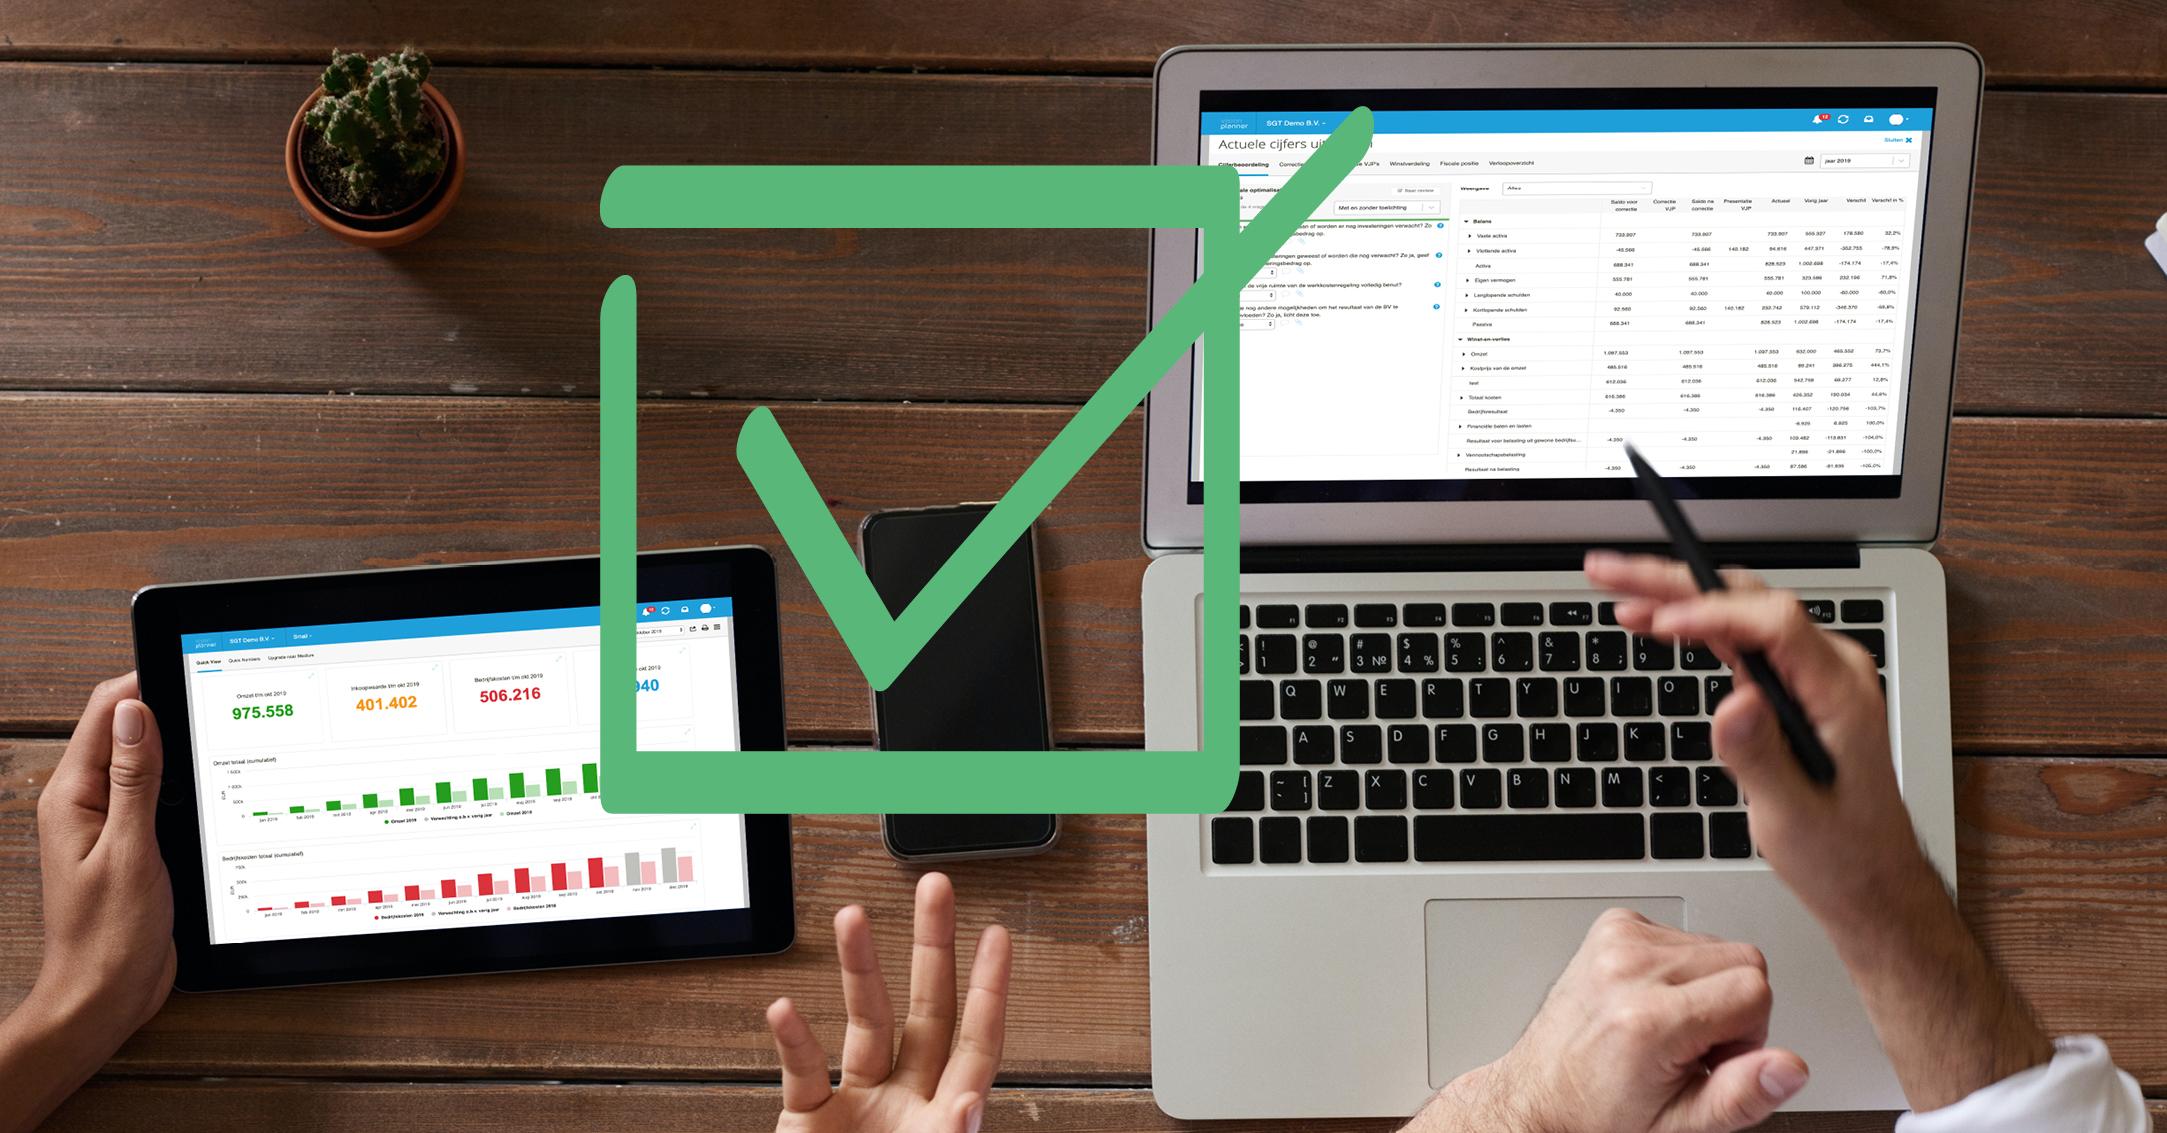 cloudsoftware voor kleine administratie- of accountantskantoren